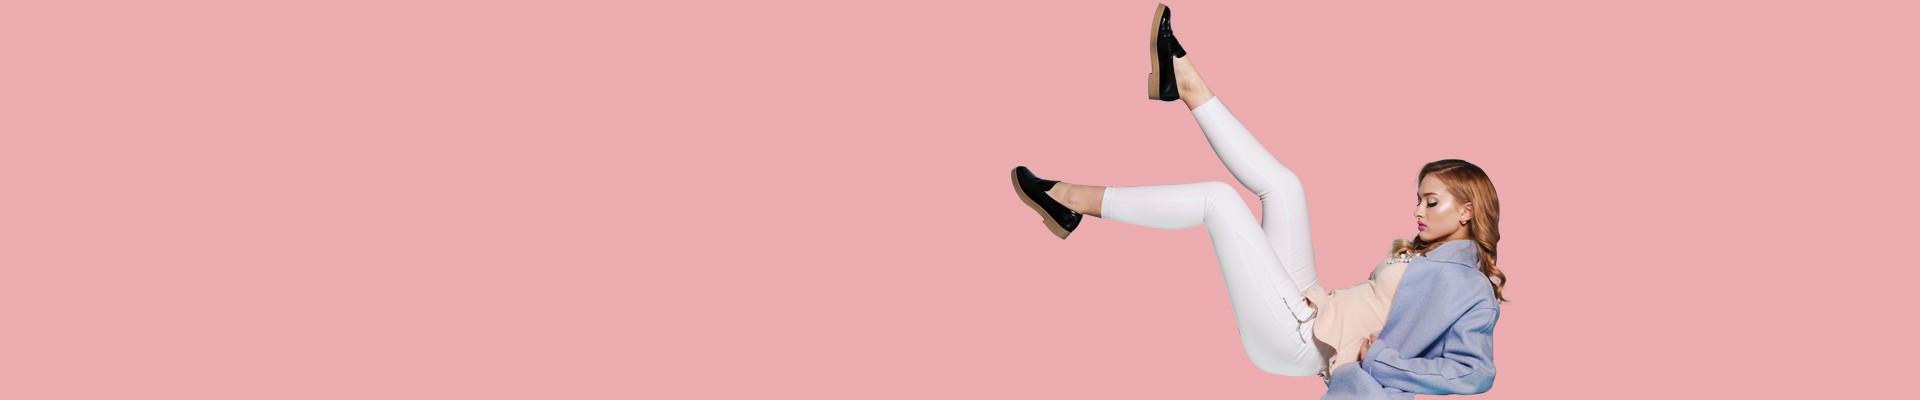 Jual Celana Panjang Wanita - Model Terbaru 2019